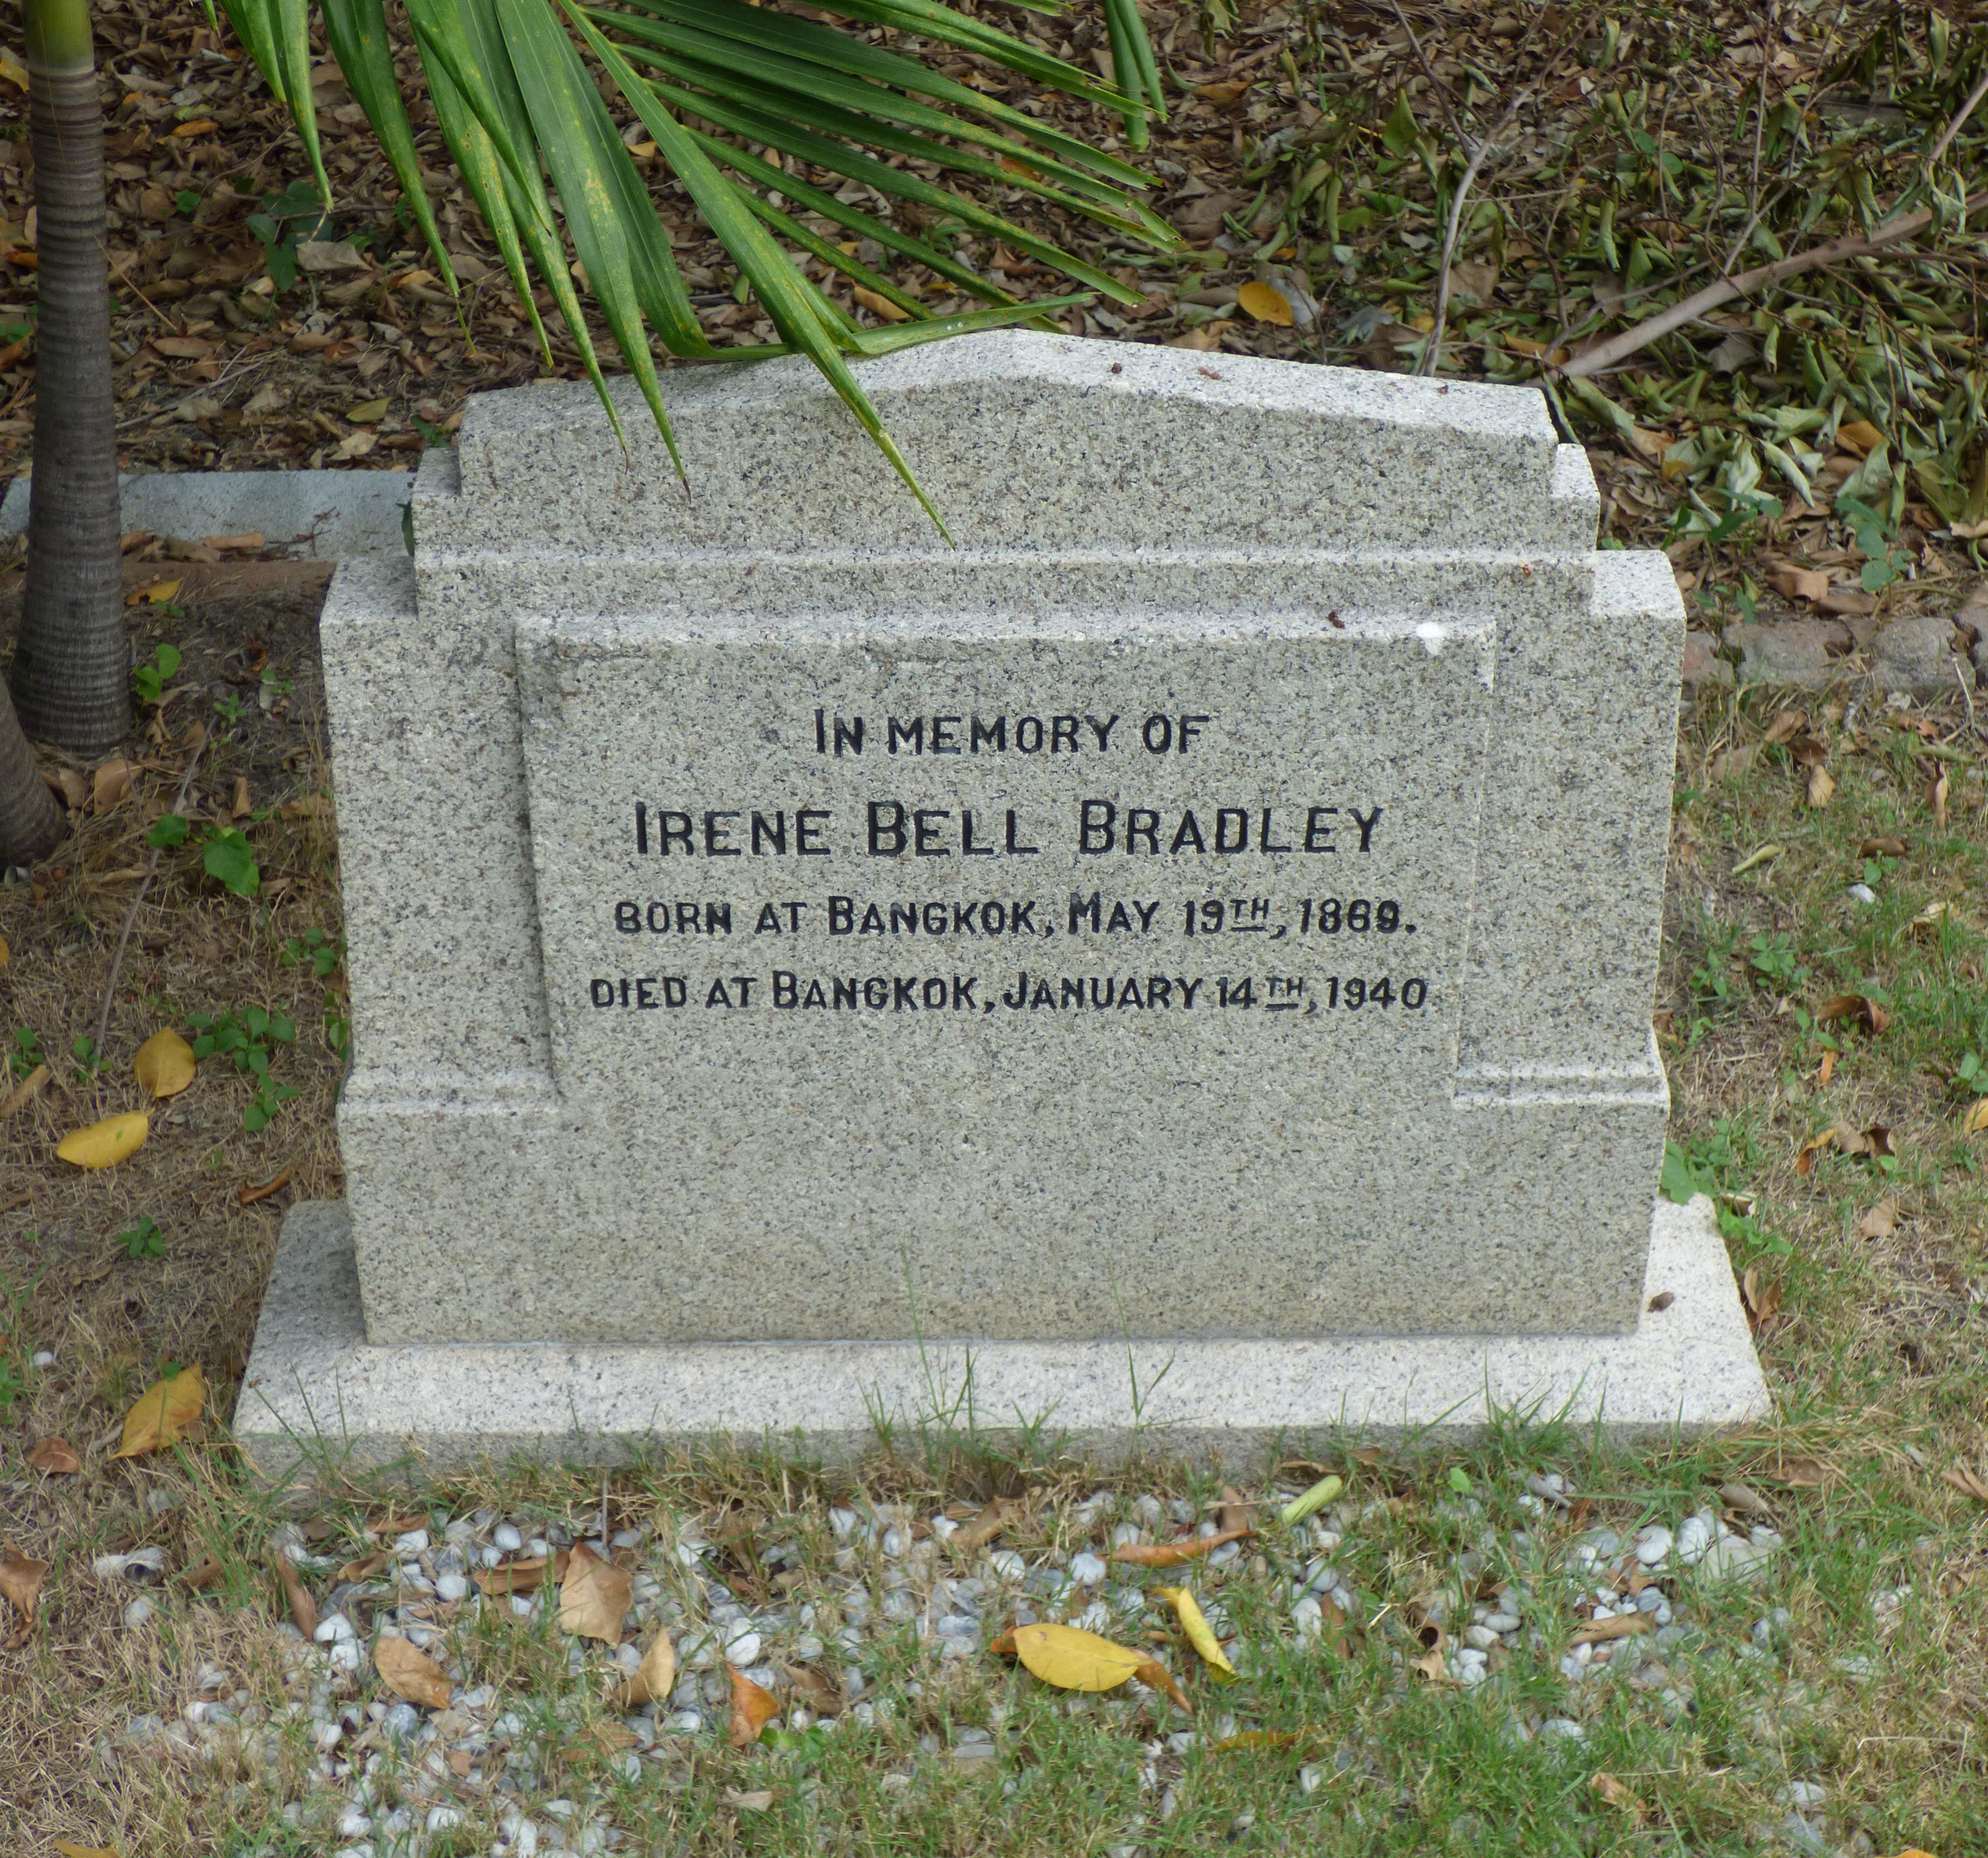 Irene Bell Bradley